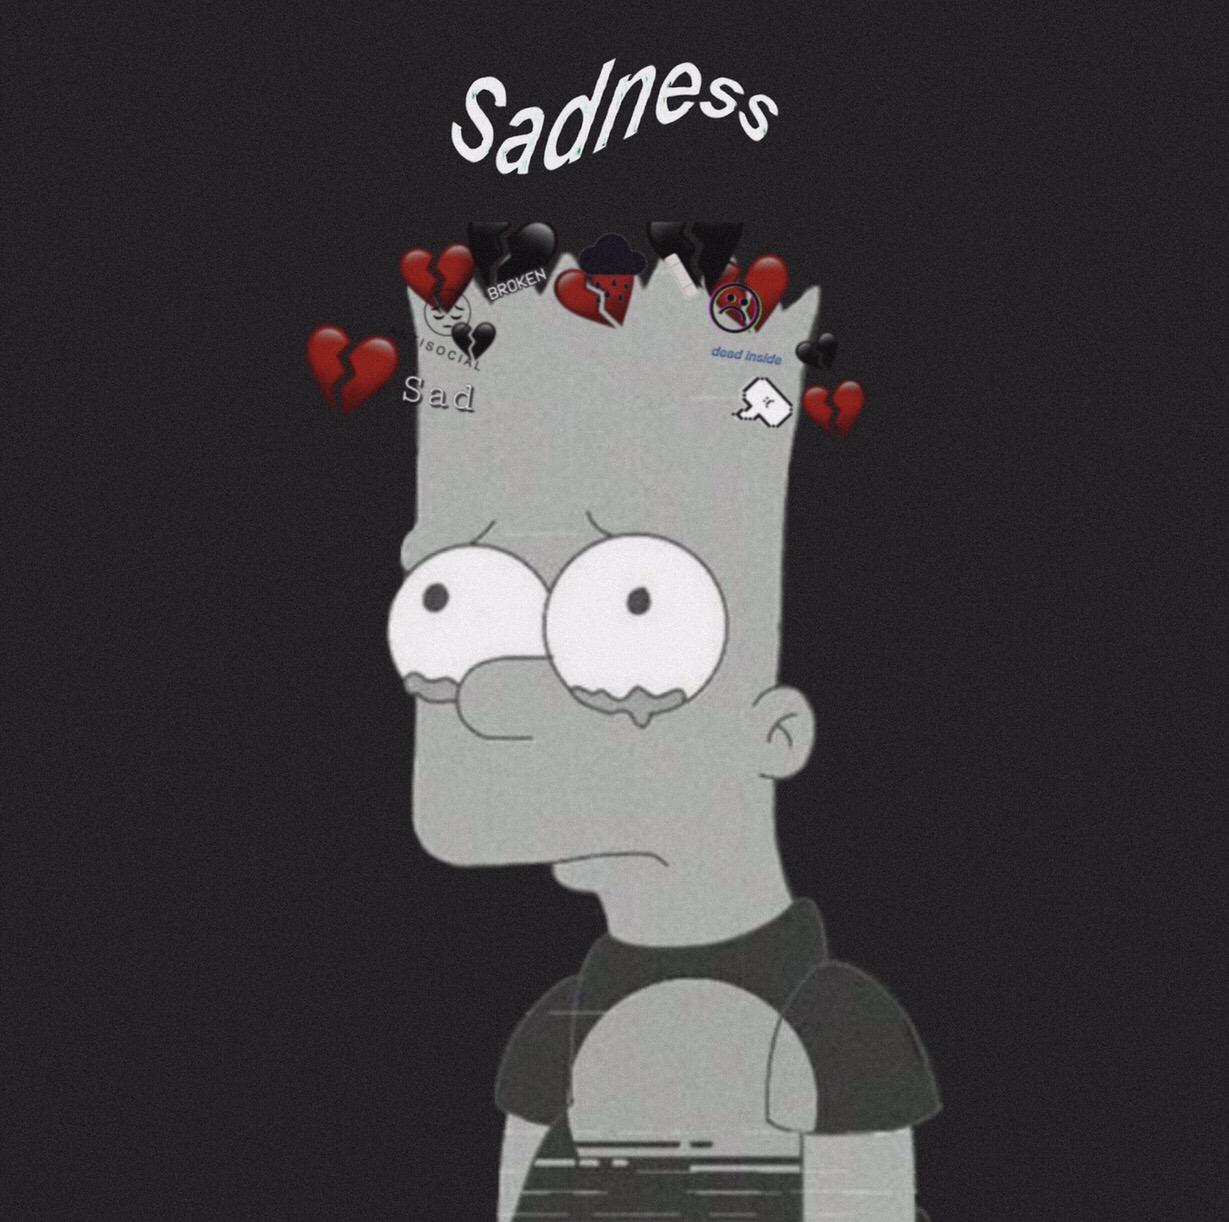 Hd Sad Wallpapers: Sadness. ️🥀 Sadness Wallpaper Simpsons Sadsimpso